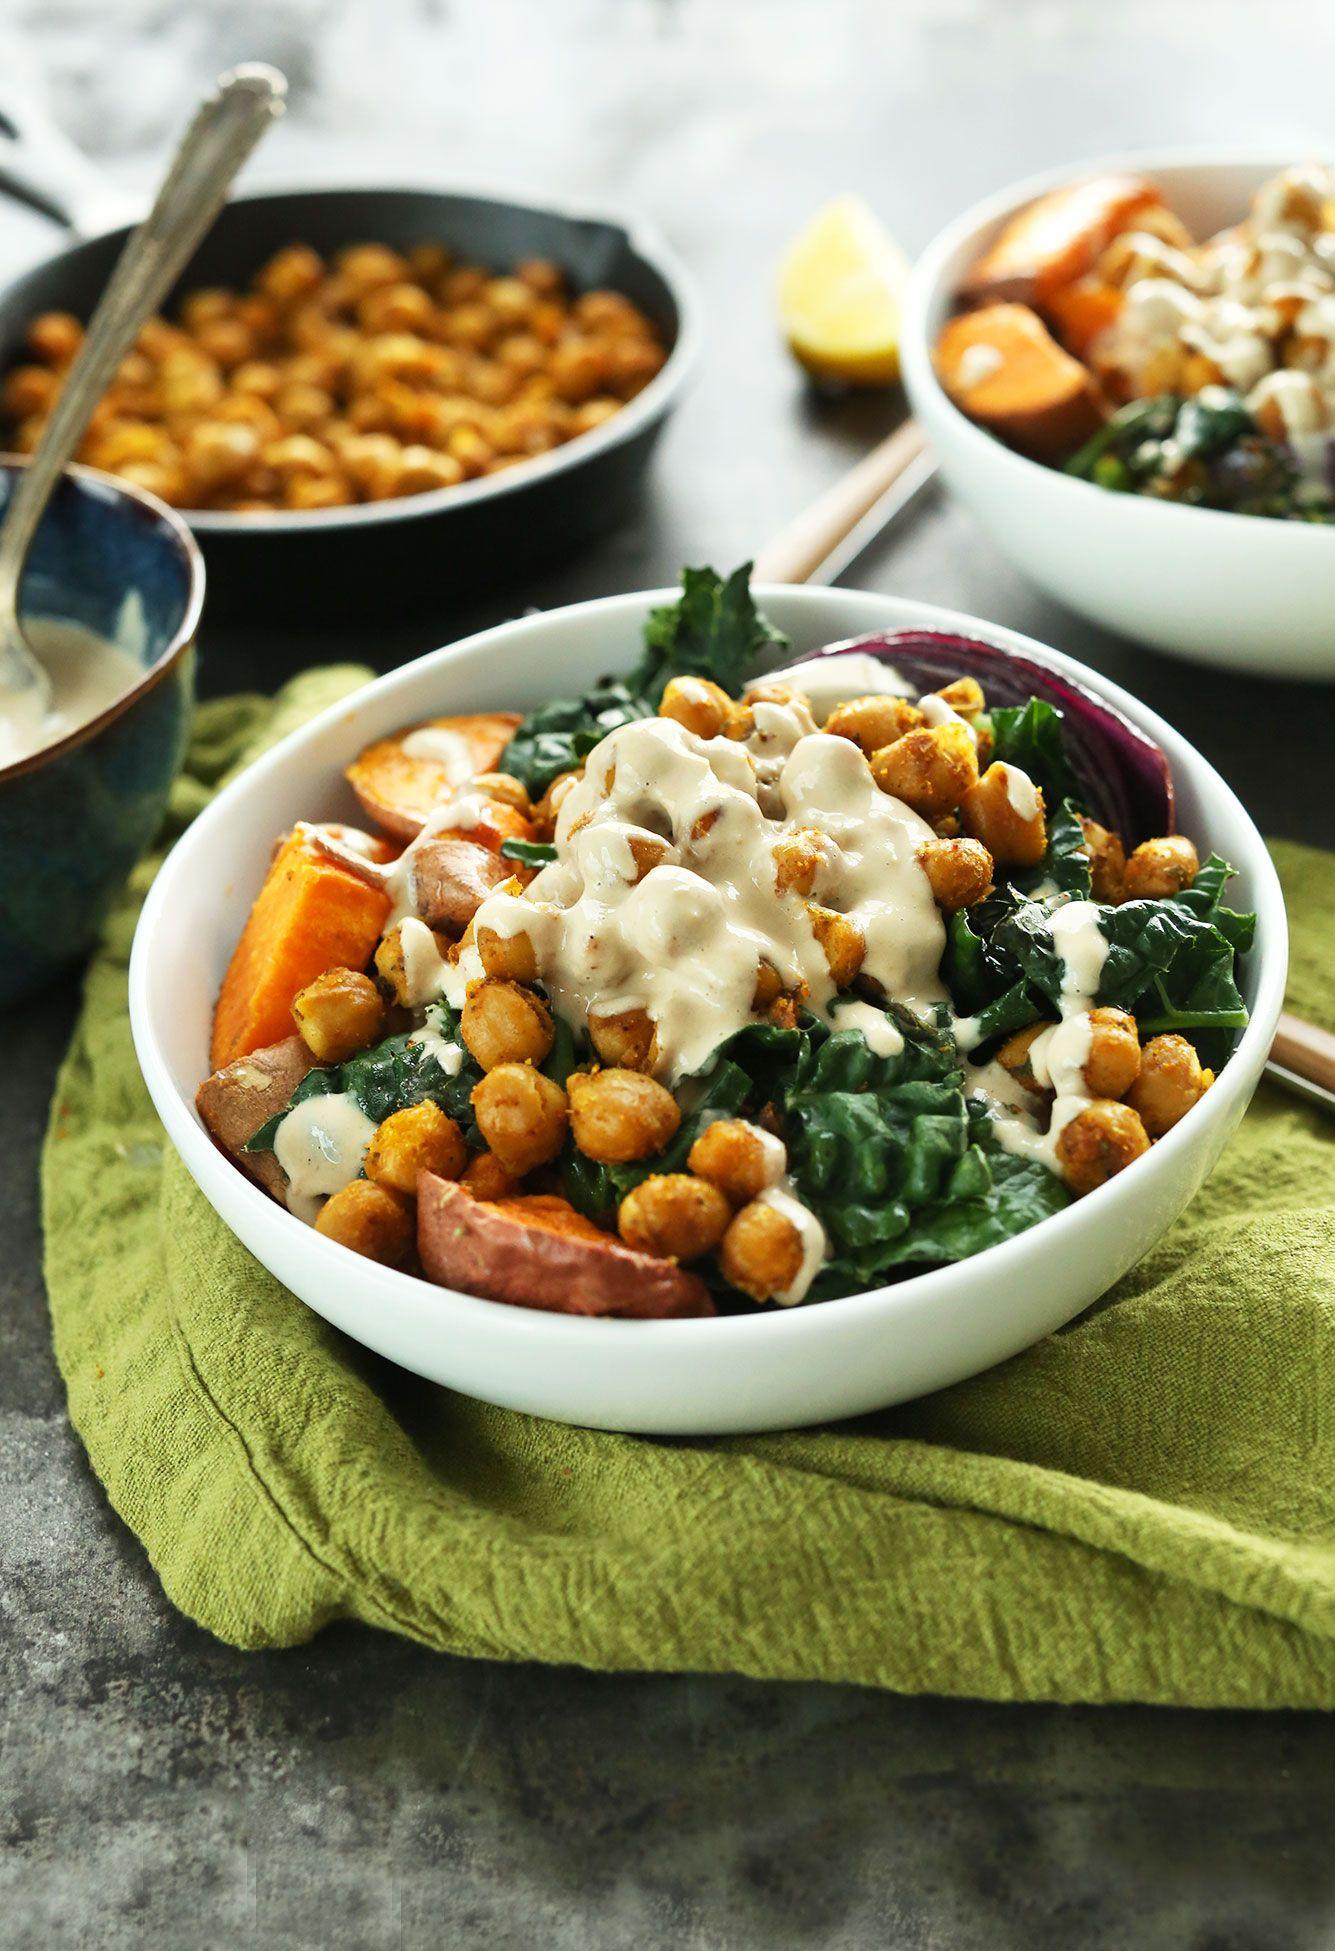 AMAZING sladkých zemiakov cícer Budha Misa s Kale, červenú cibuľou a ohromujúci tahini-javorového omáčkou!  #vegan #glutenfree #dinner